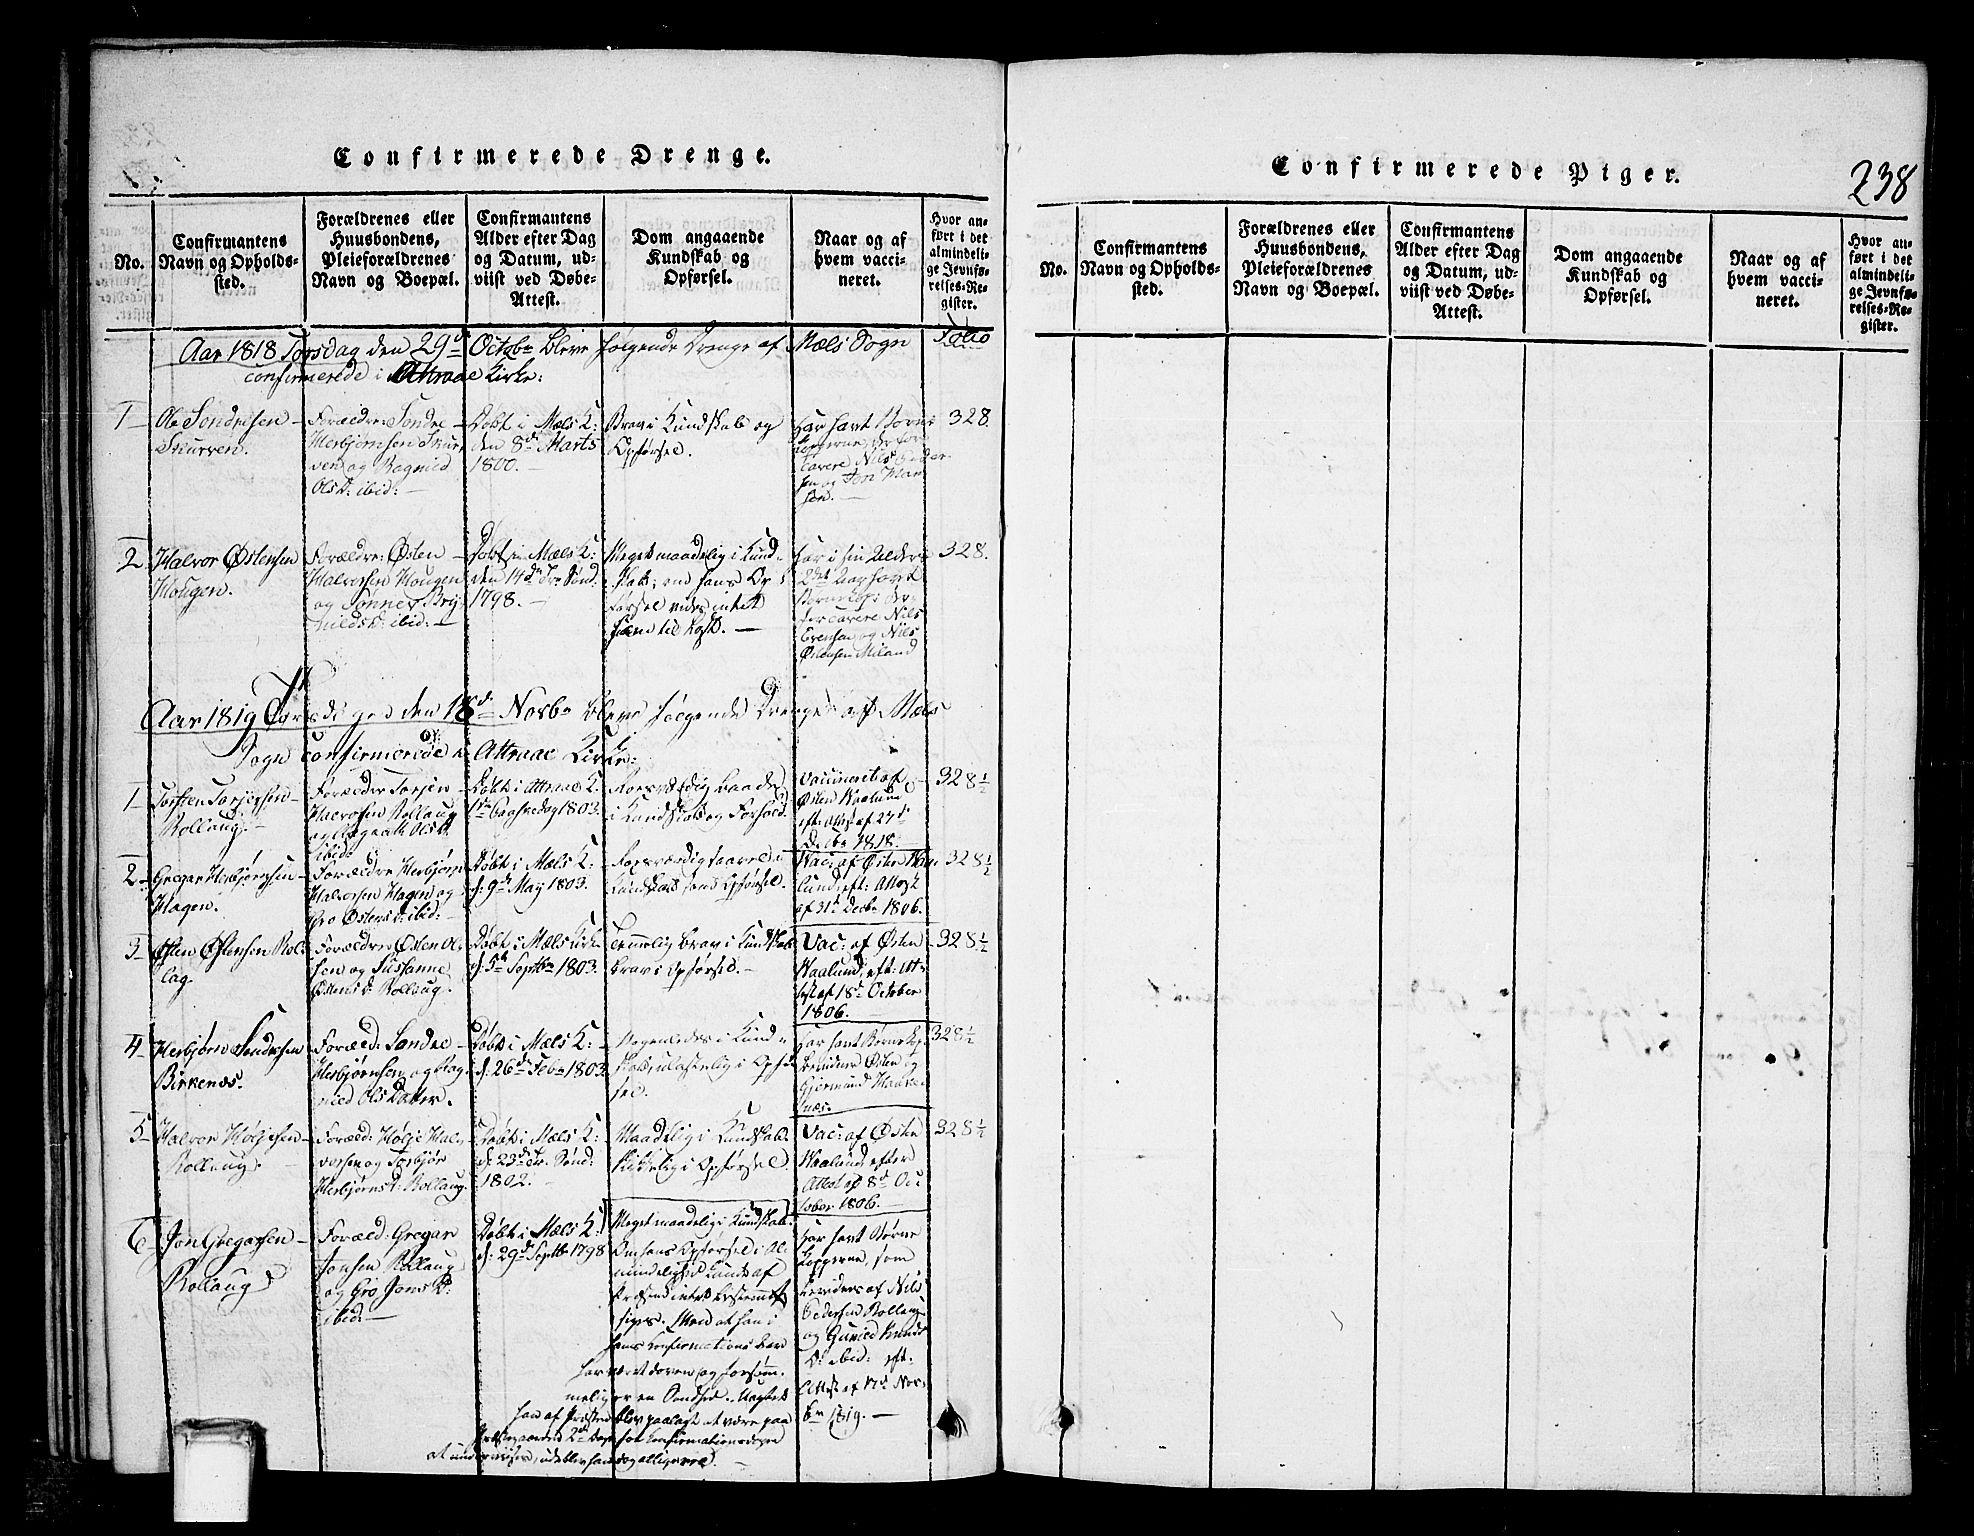 SAKO, Tinn kirkebøker, G/Gb/L0001: Klokkerbok nr. II 1 /1, 1815-1850, s. 238